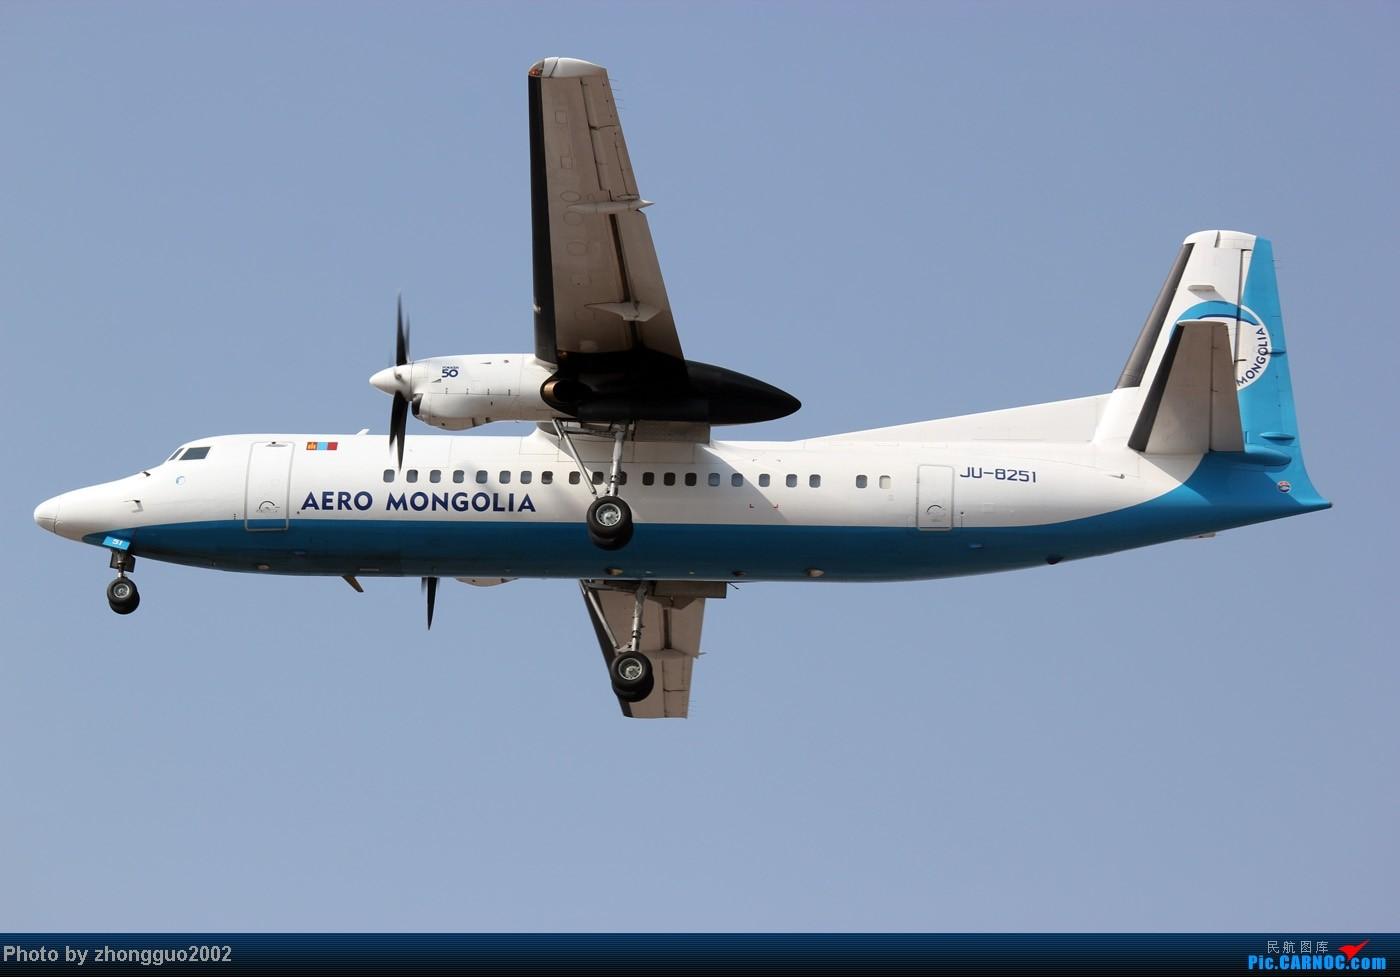 Re:[原创]长荣航空带小翼的321,东航6457小翼319,国航的新机子1947.1945,国航内蒙古号5226,新舟60,以及深圳、首都、西部等航空的飞机。